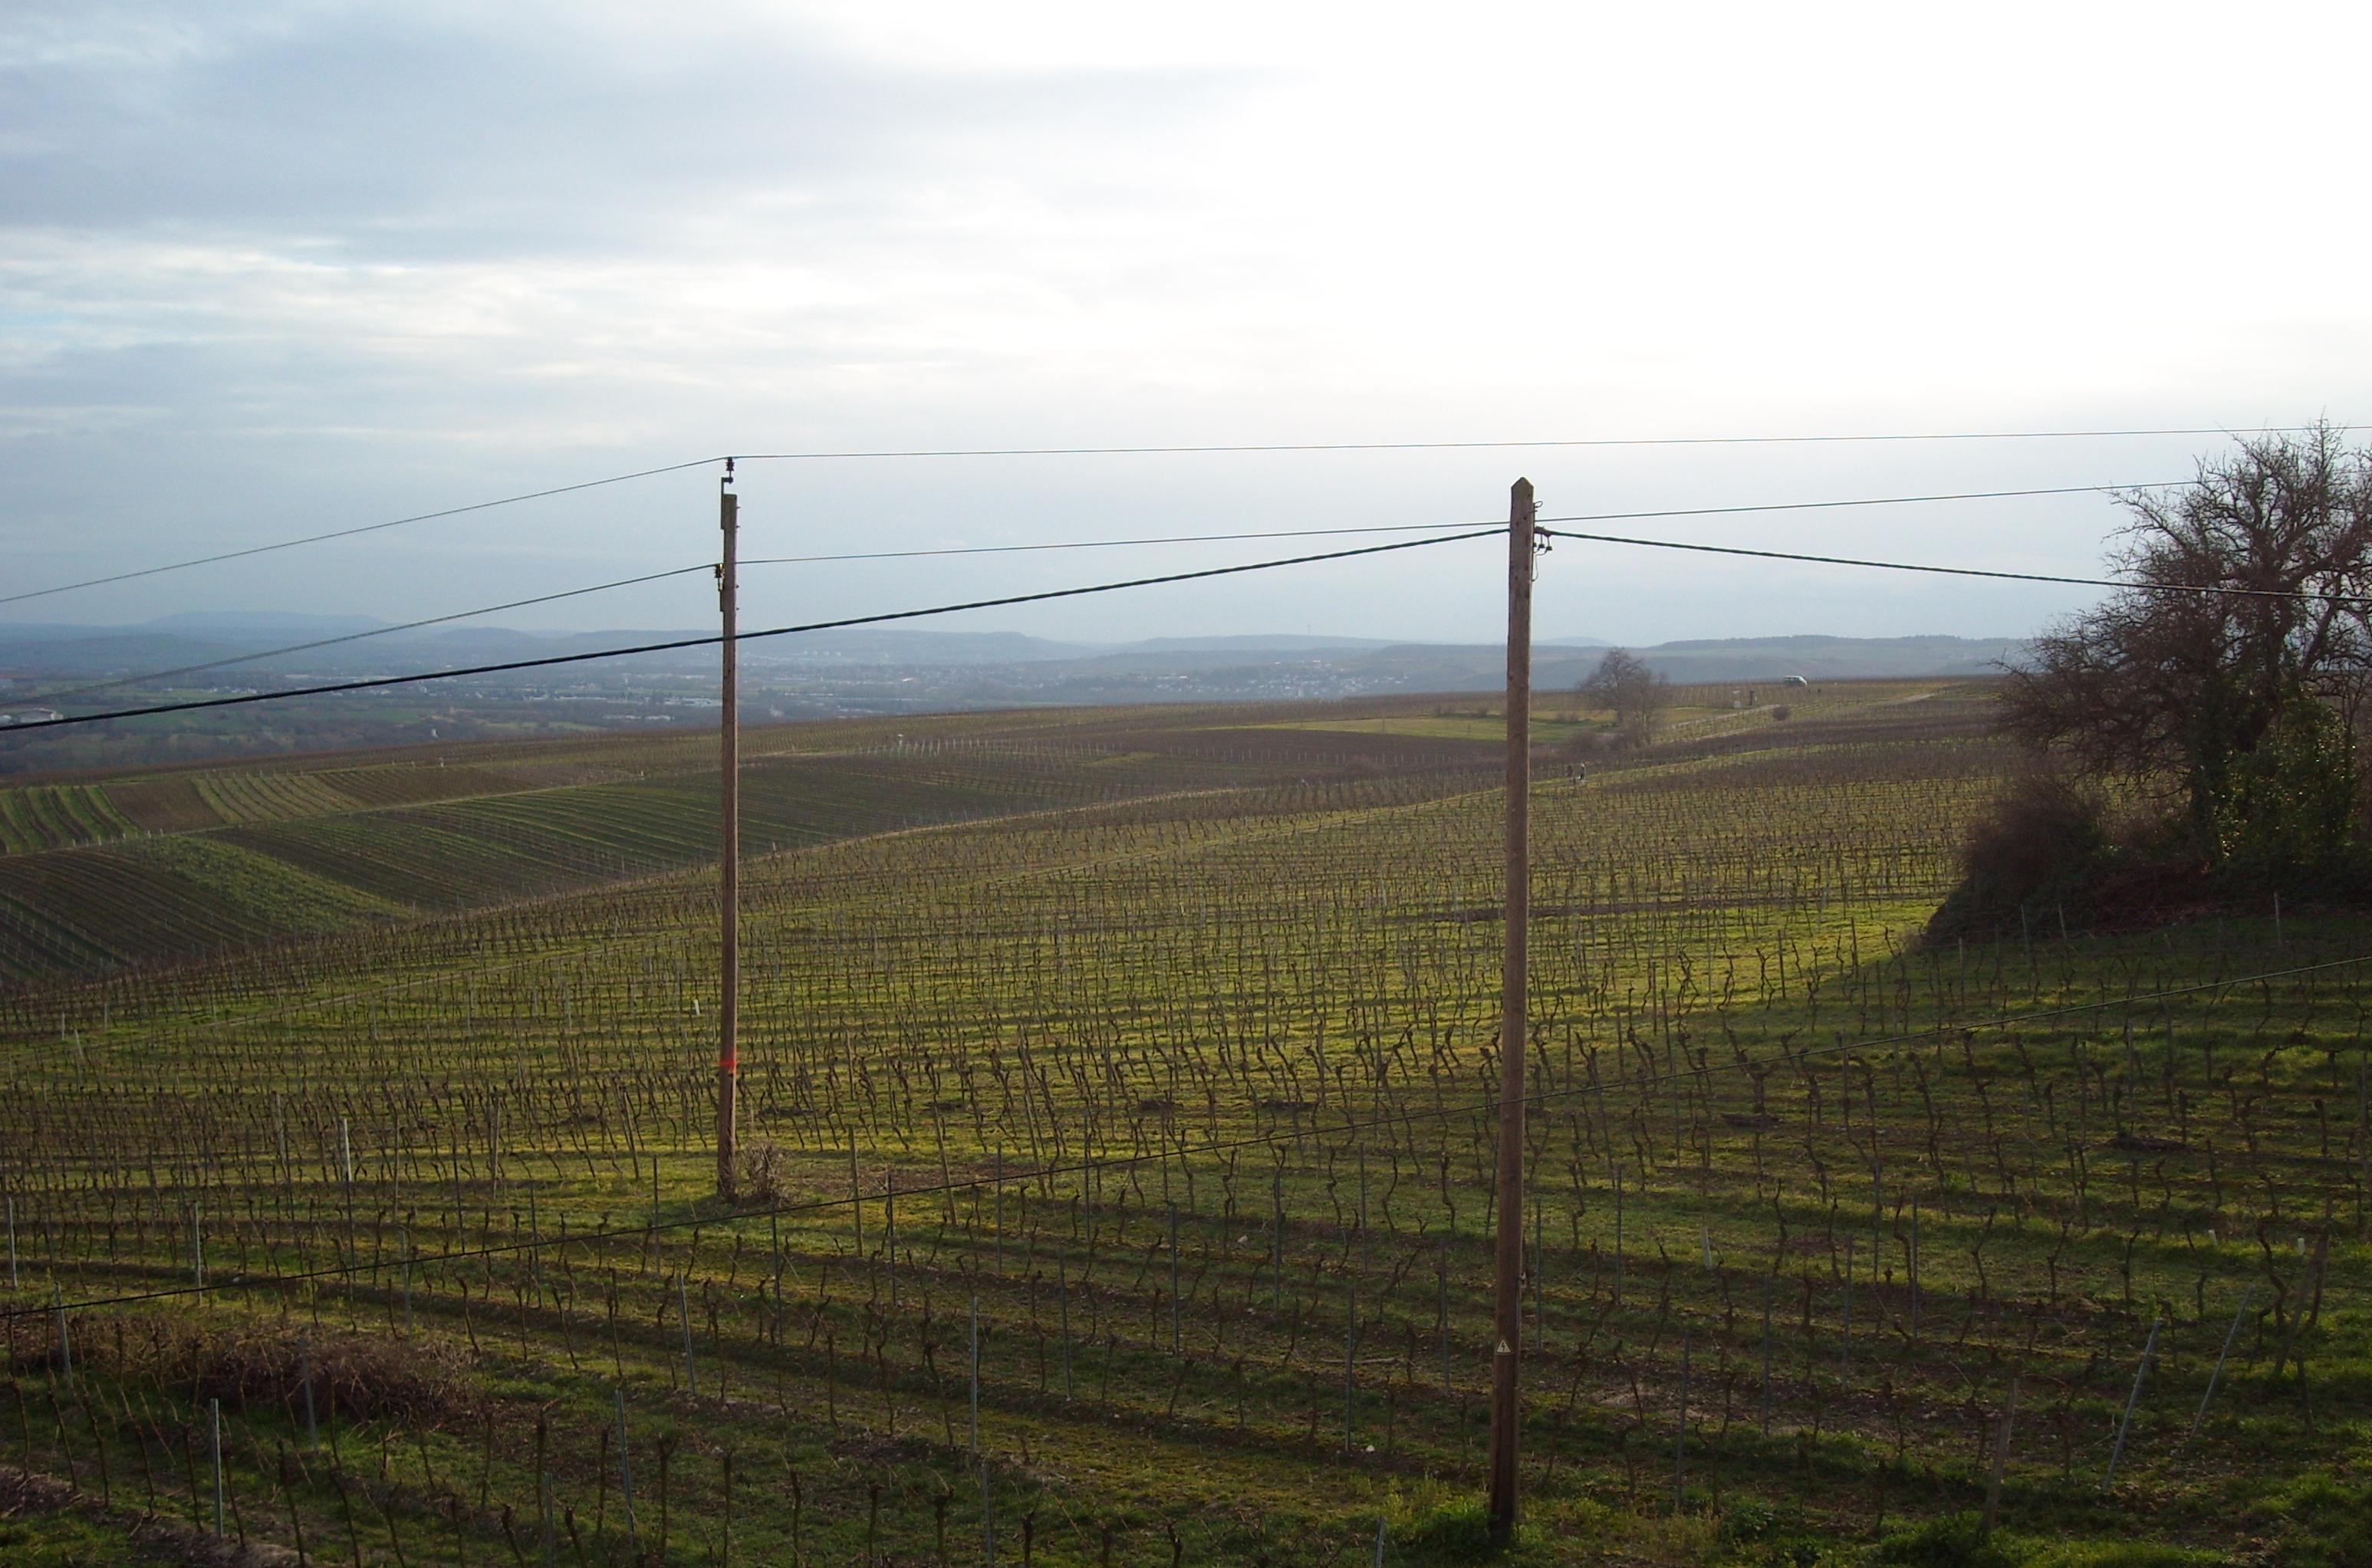 vinodlingar